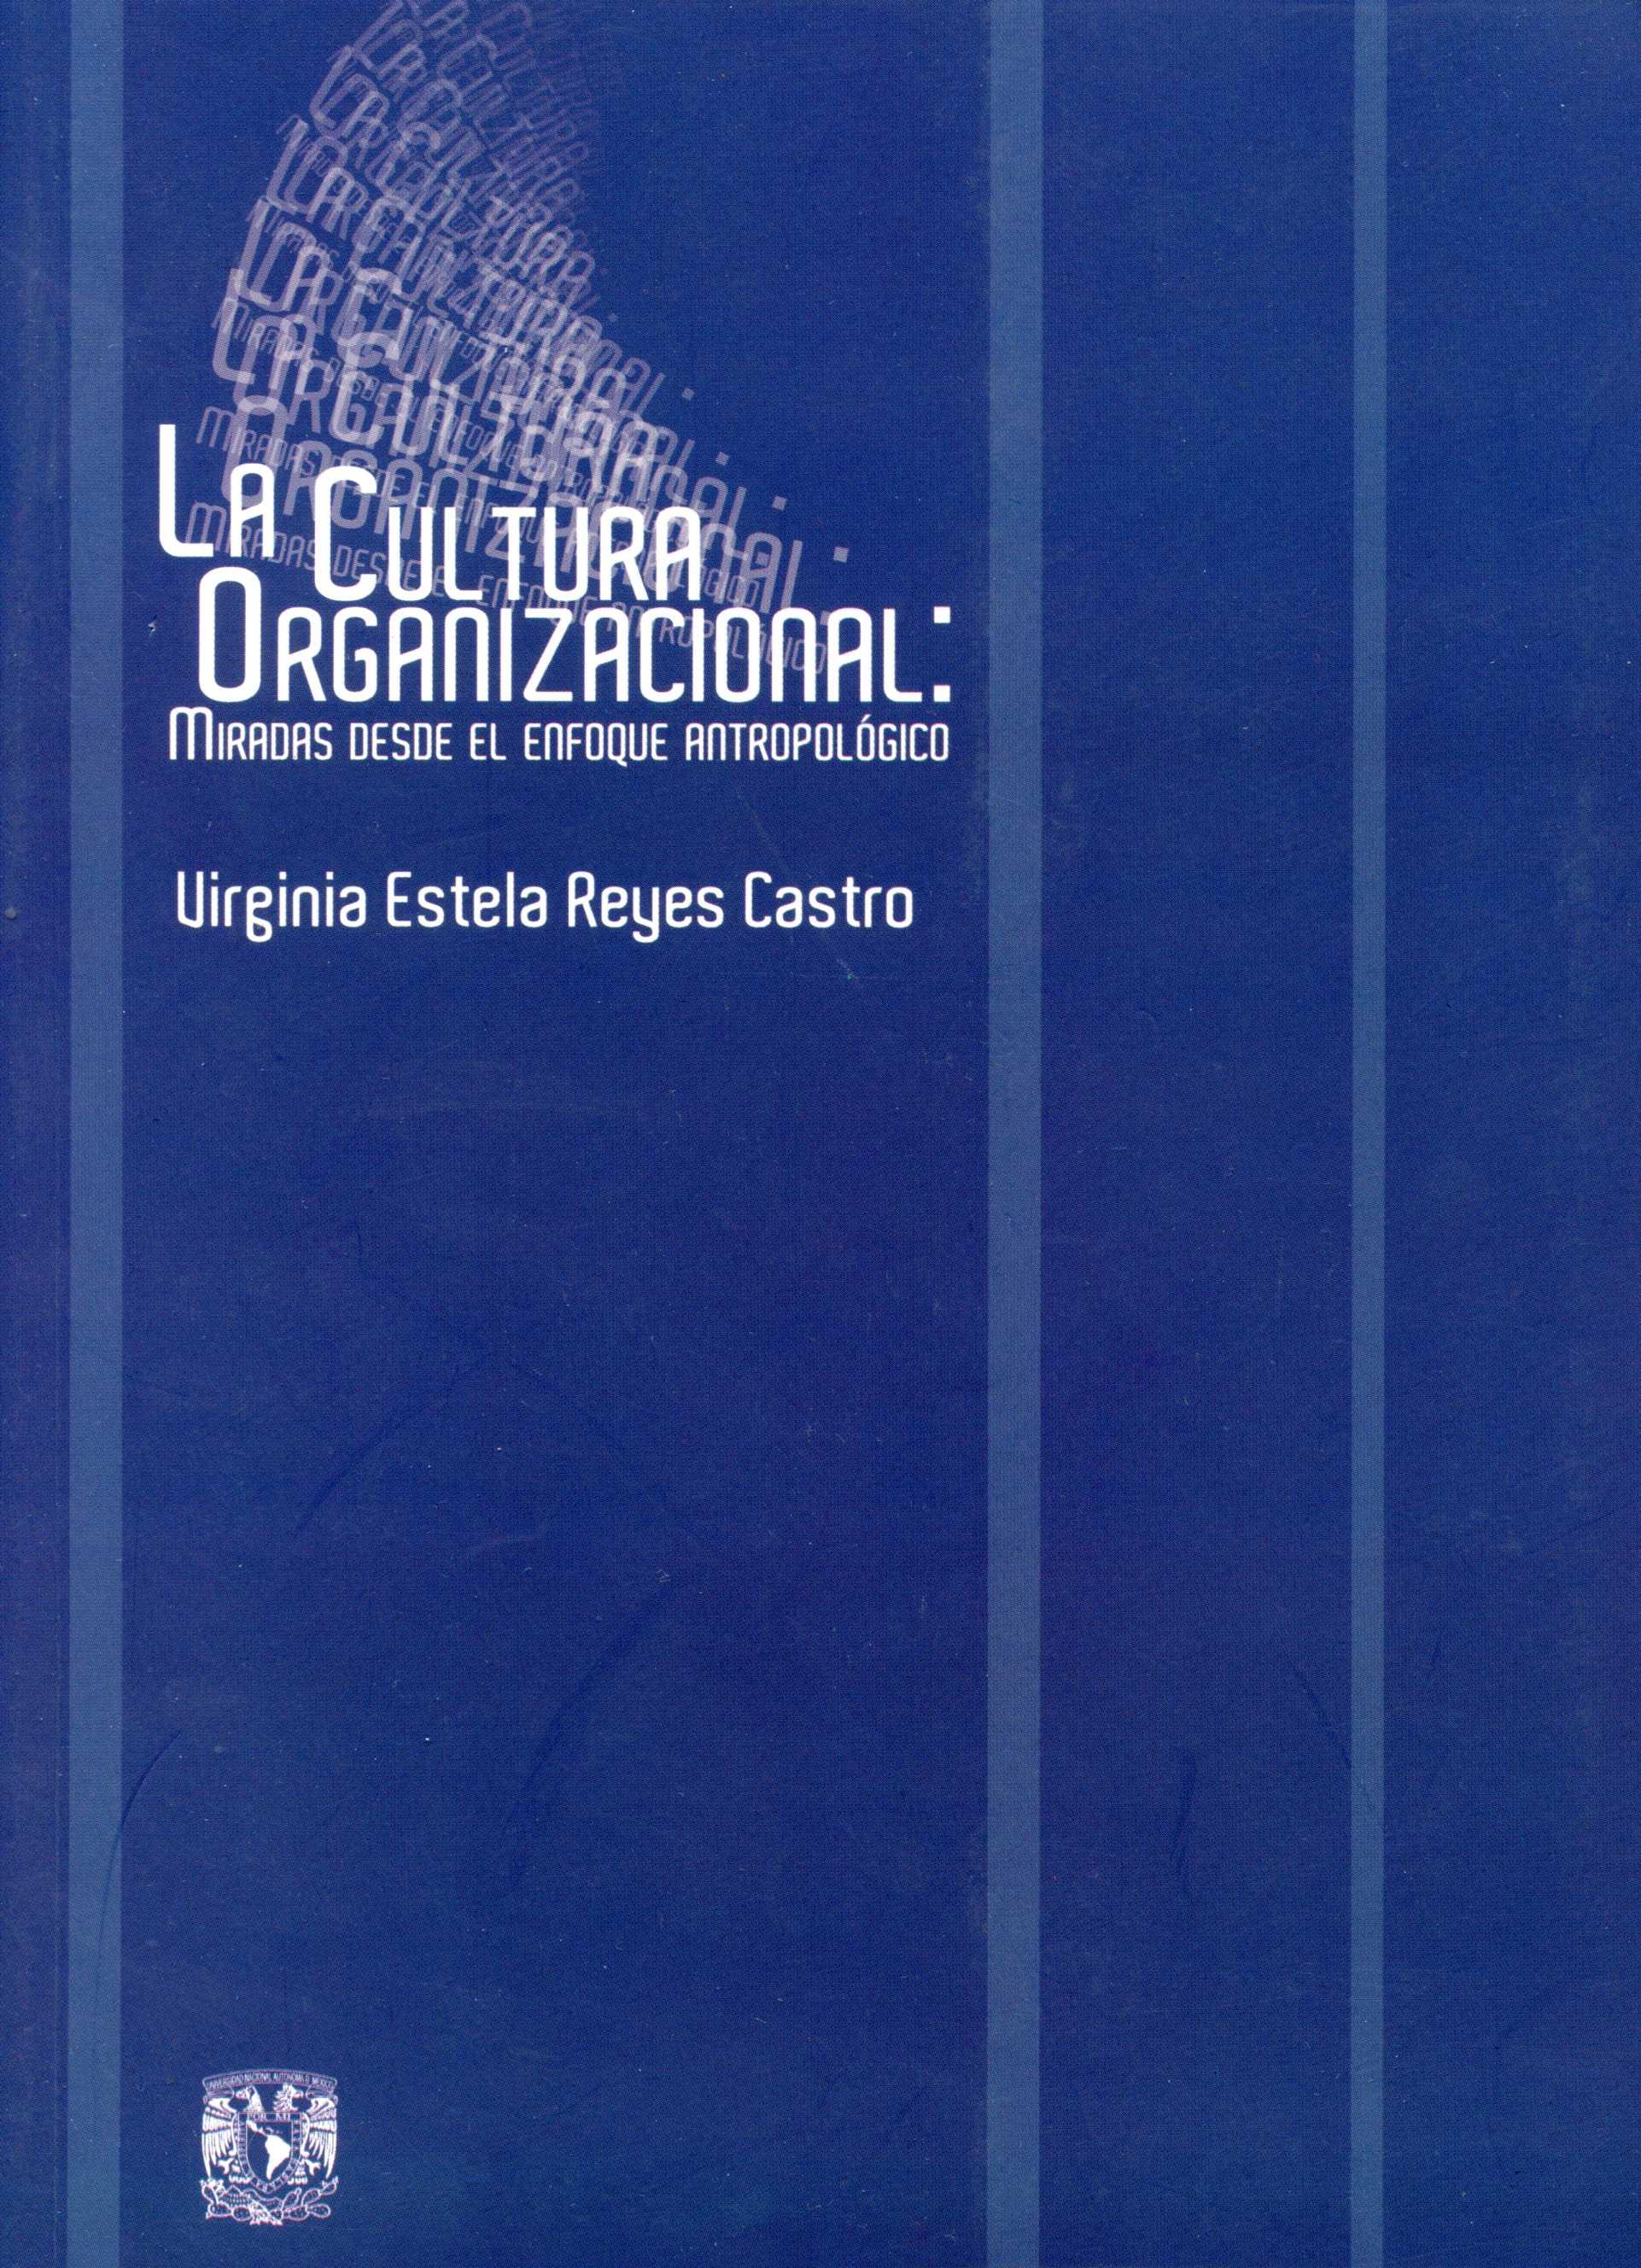 La cultura organizacional: miradas desde el enfoque antropológico